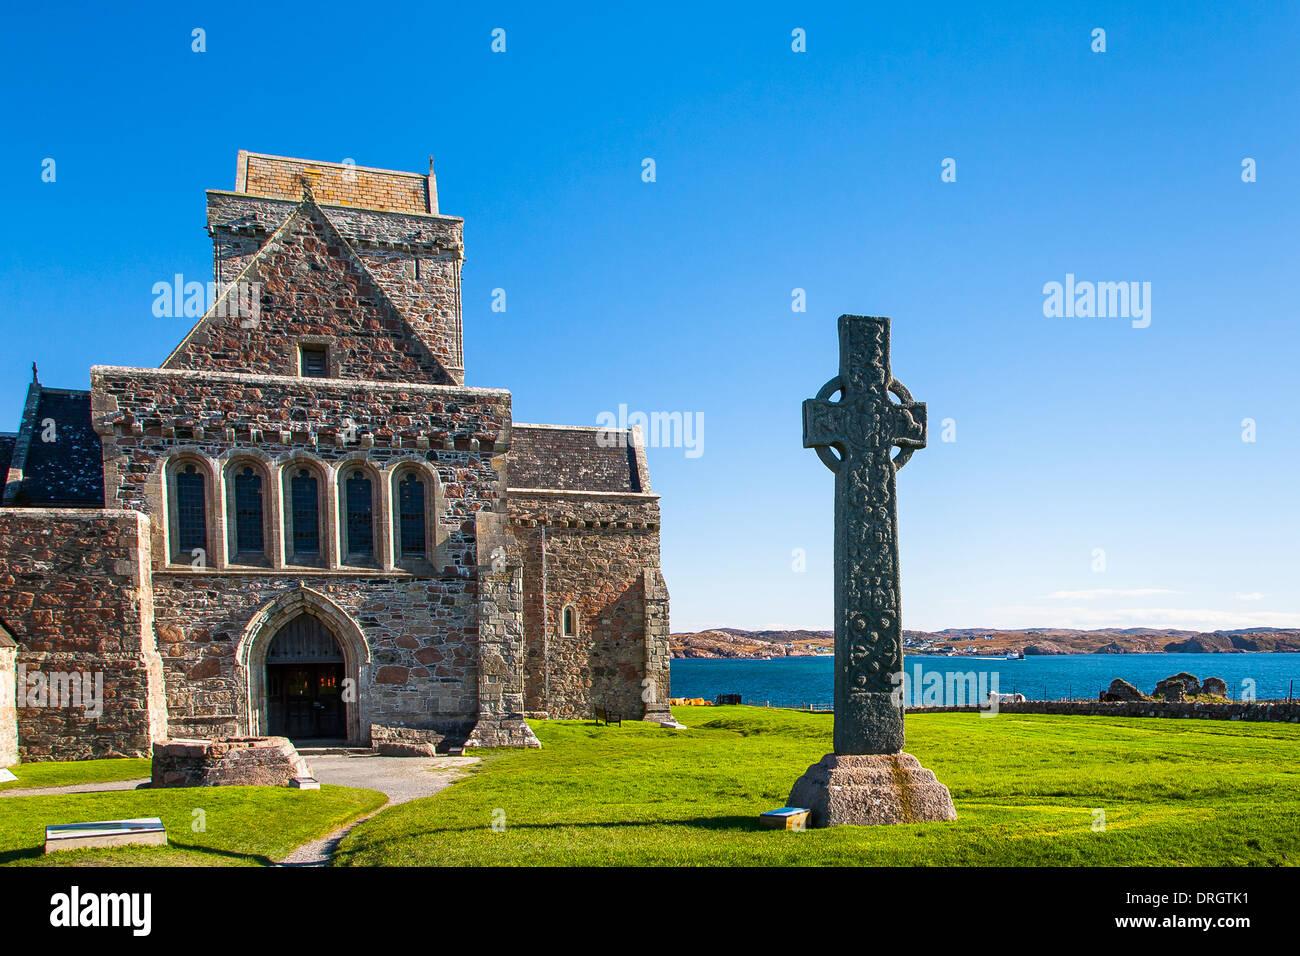 Iona Abbey, Iona, Argyll & Bute, Highlands Scotland UK - Stock Image